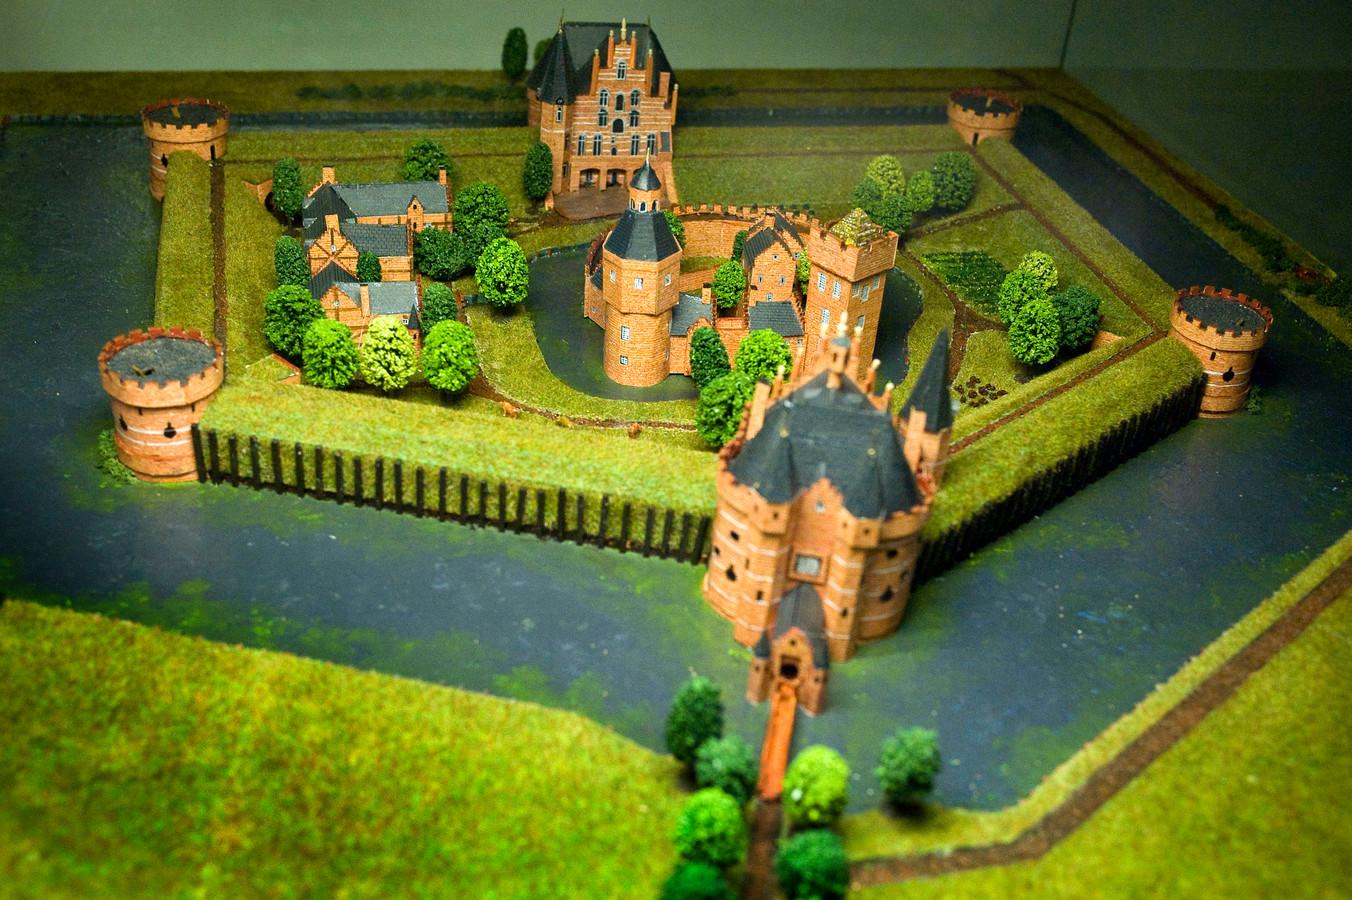 Vier torens, twee stevige poortgebouwen, met houten palen versterkte wallen en een heleboel water moesten rond 1550 de vijand buiten houden, zo is te zien op deze maquette van het Kasteel van Wouw. foto's Tonny Presser